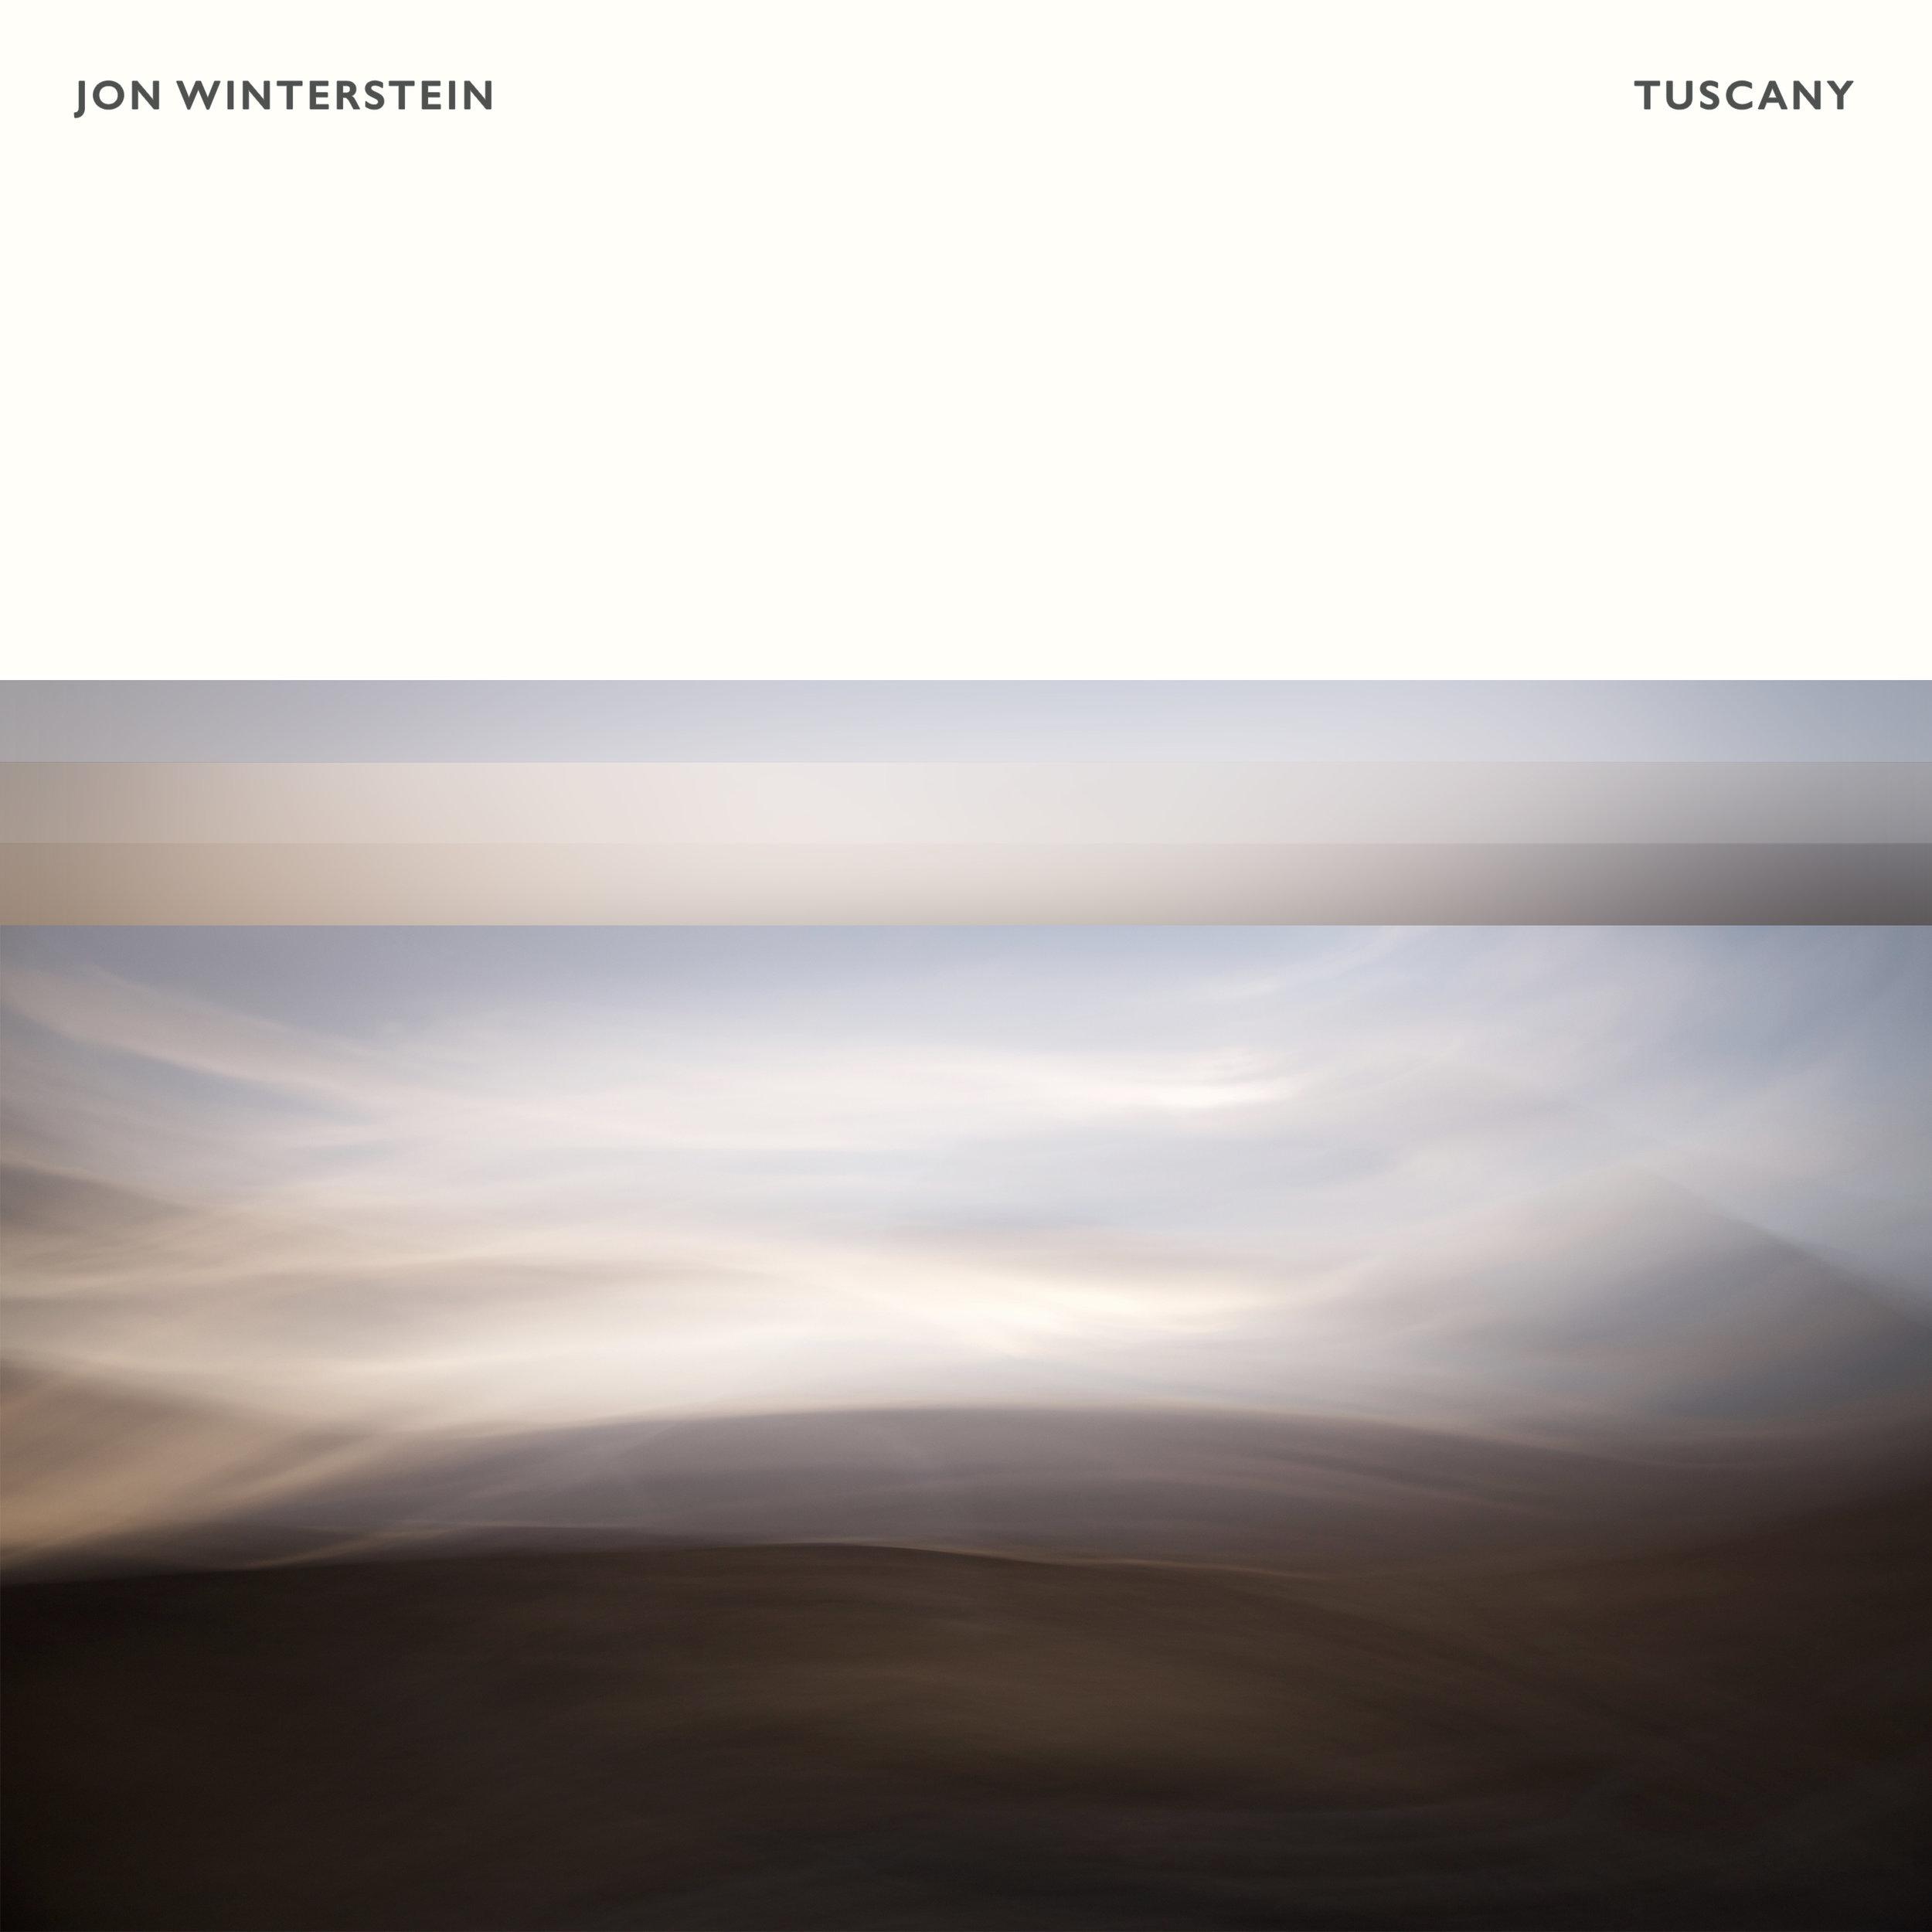 Jon Winterstein - Tuscany